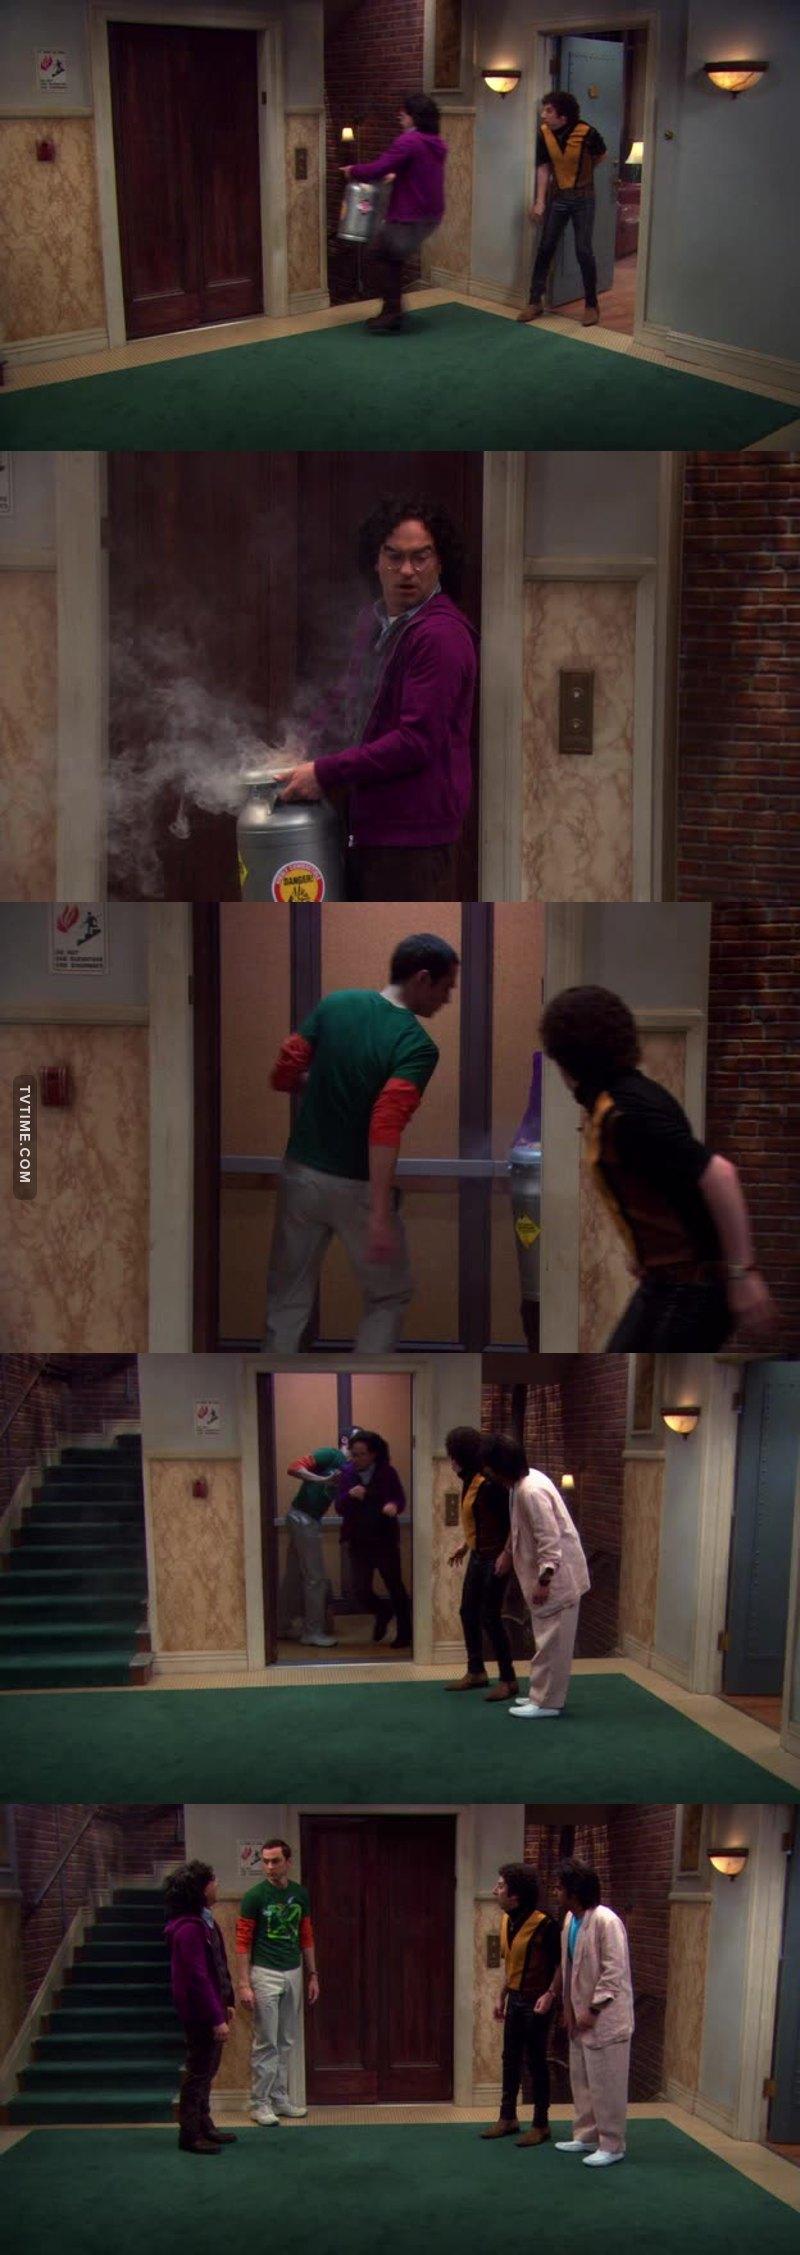 Ecco svelato il mistero dell'ascensore! 😂😂😂